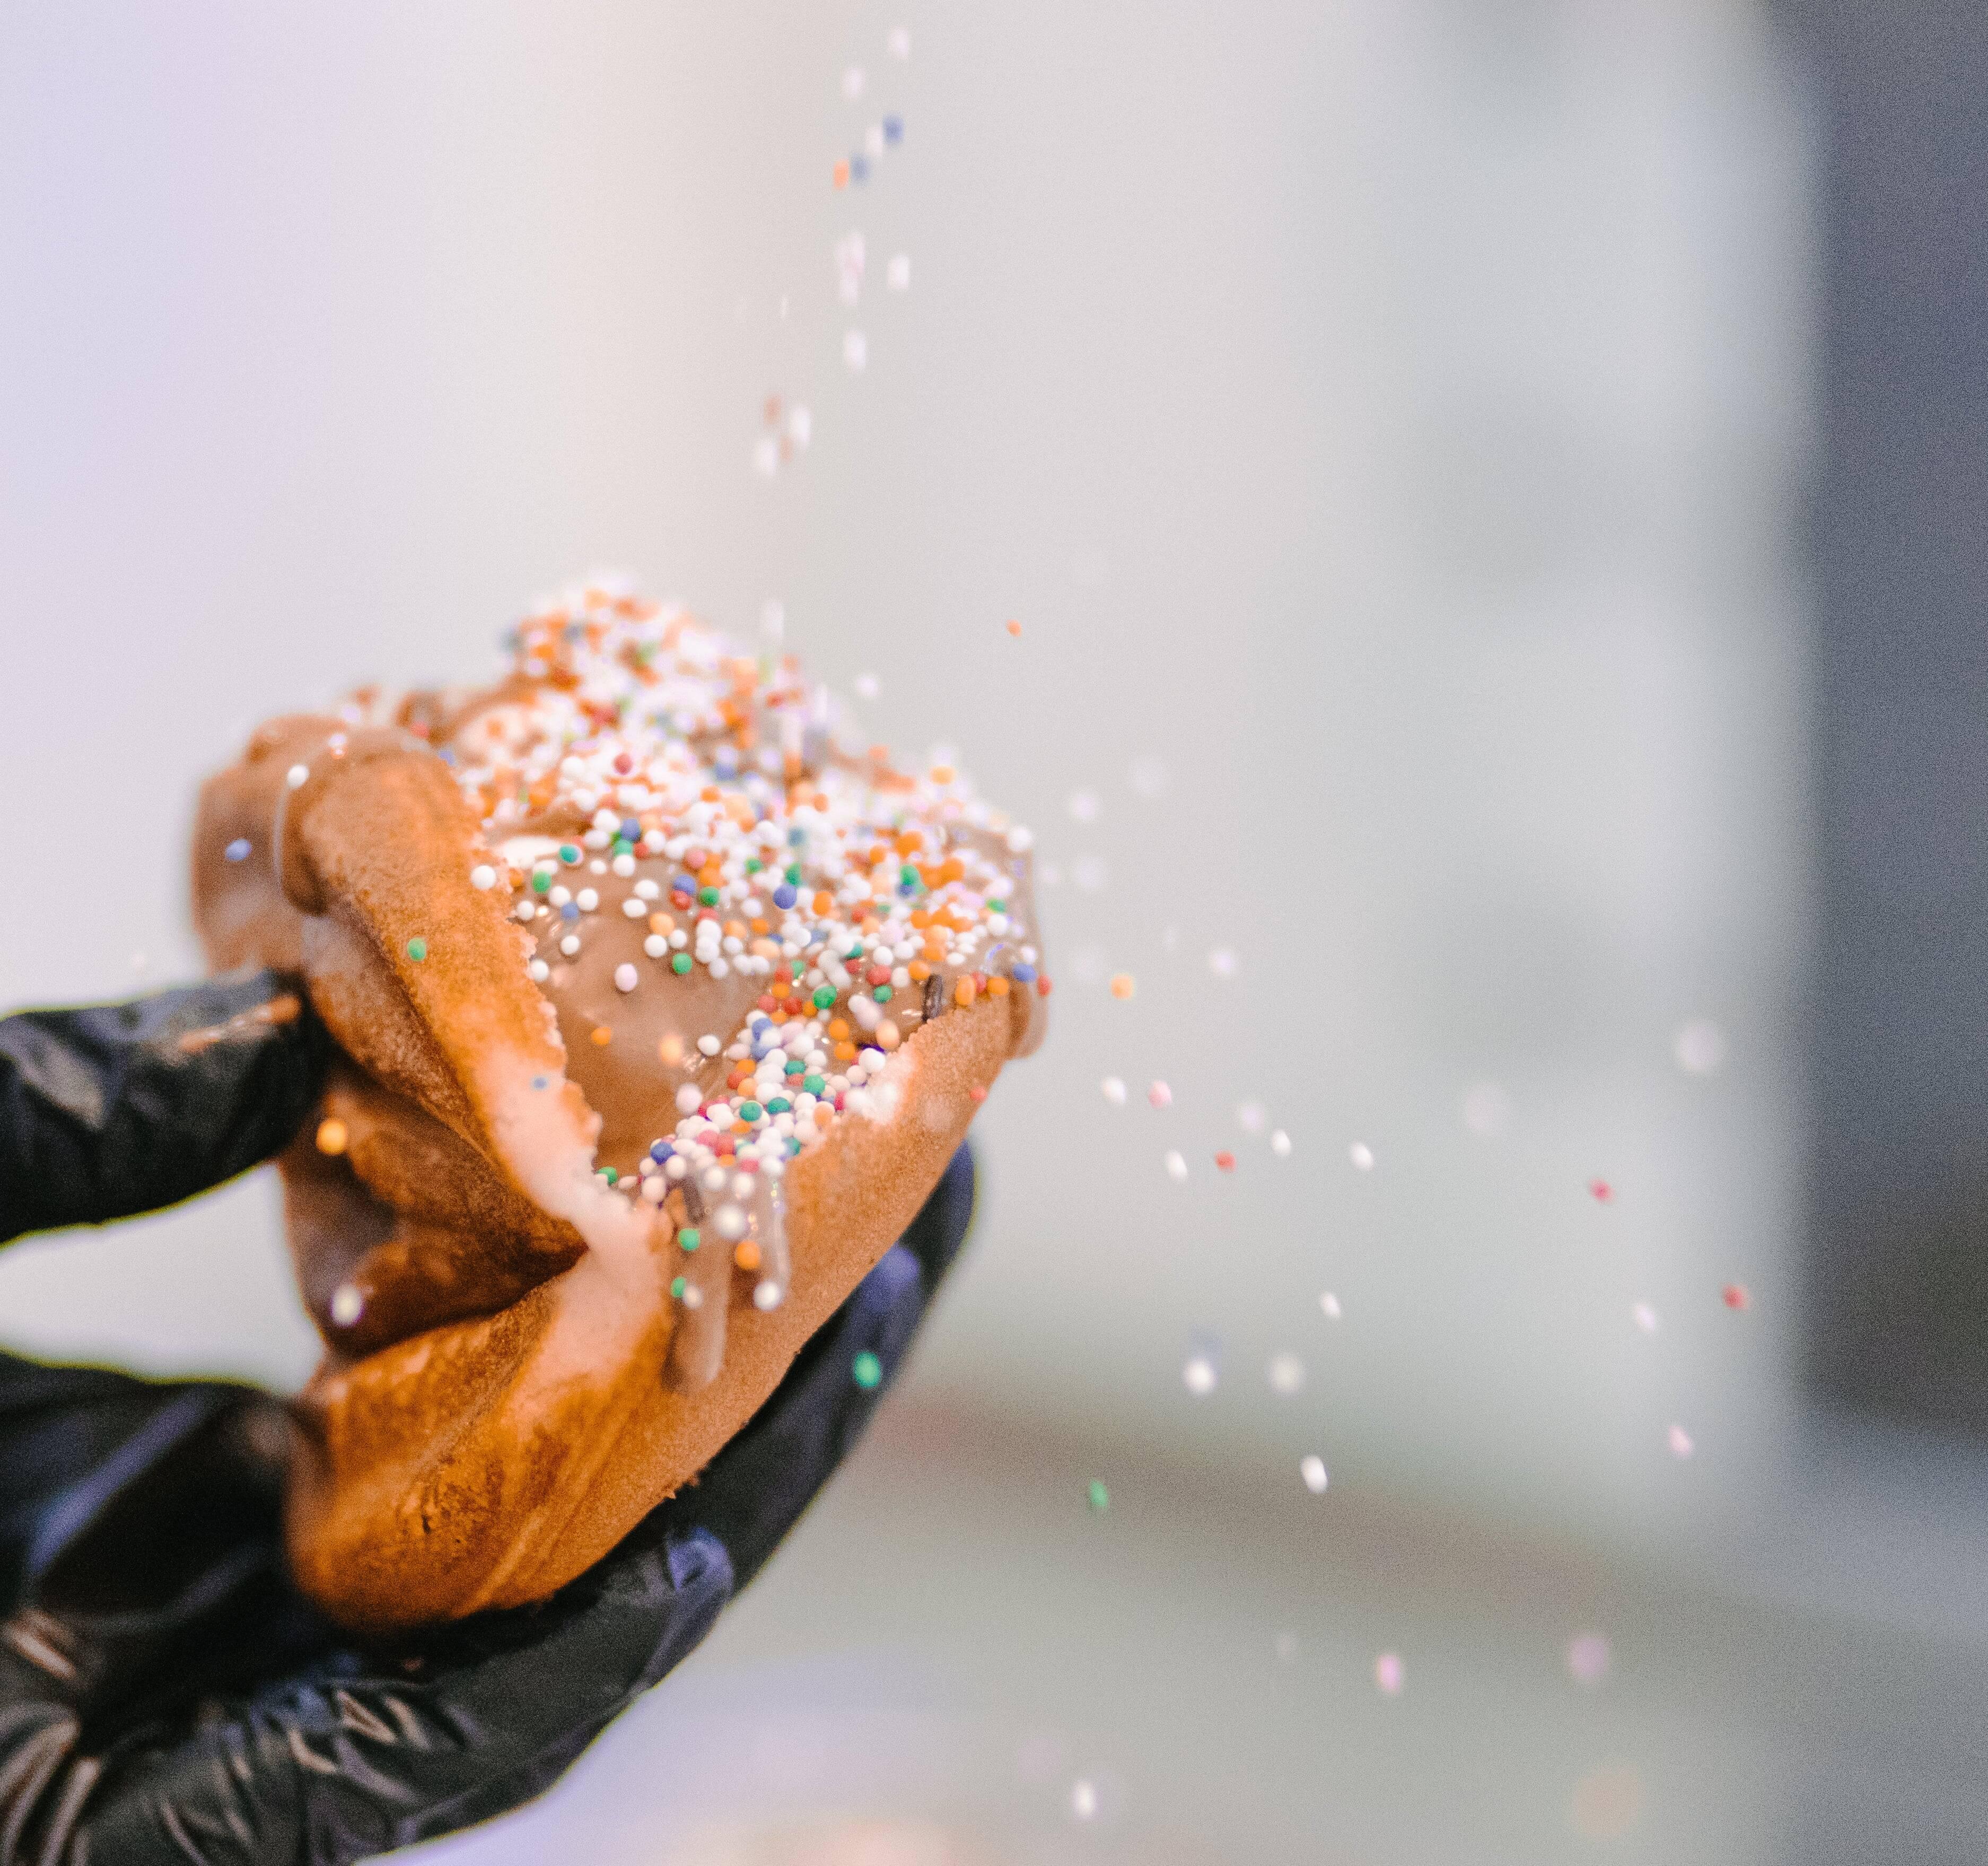 Em 2020, após pedidos da clientela, a La Coñería foi aberta para trazer waffles em formato de vagina. Foto: Divulgação/La Pollería